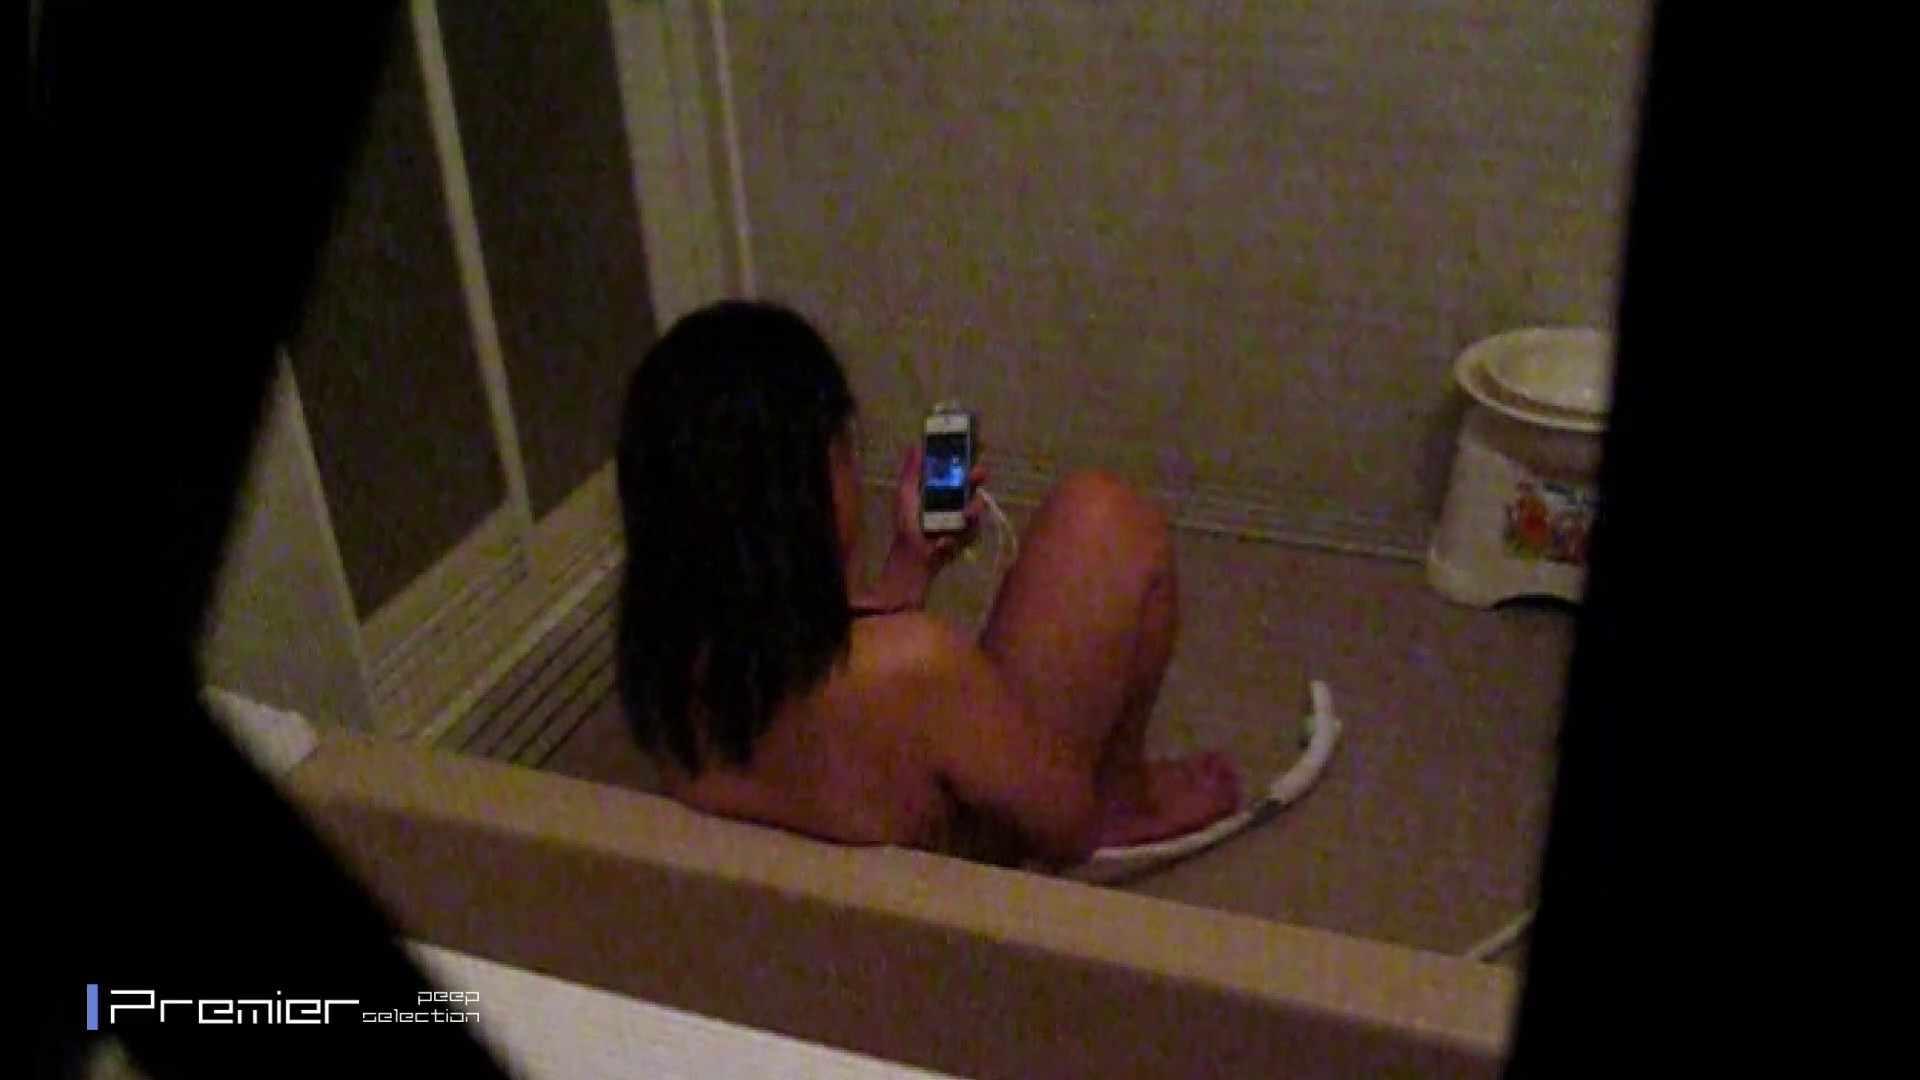 携帯触りなが満子をいじる 乙女の風呂場 Vol.19 OLの実態 | 盗撮  98pic 25